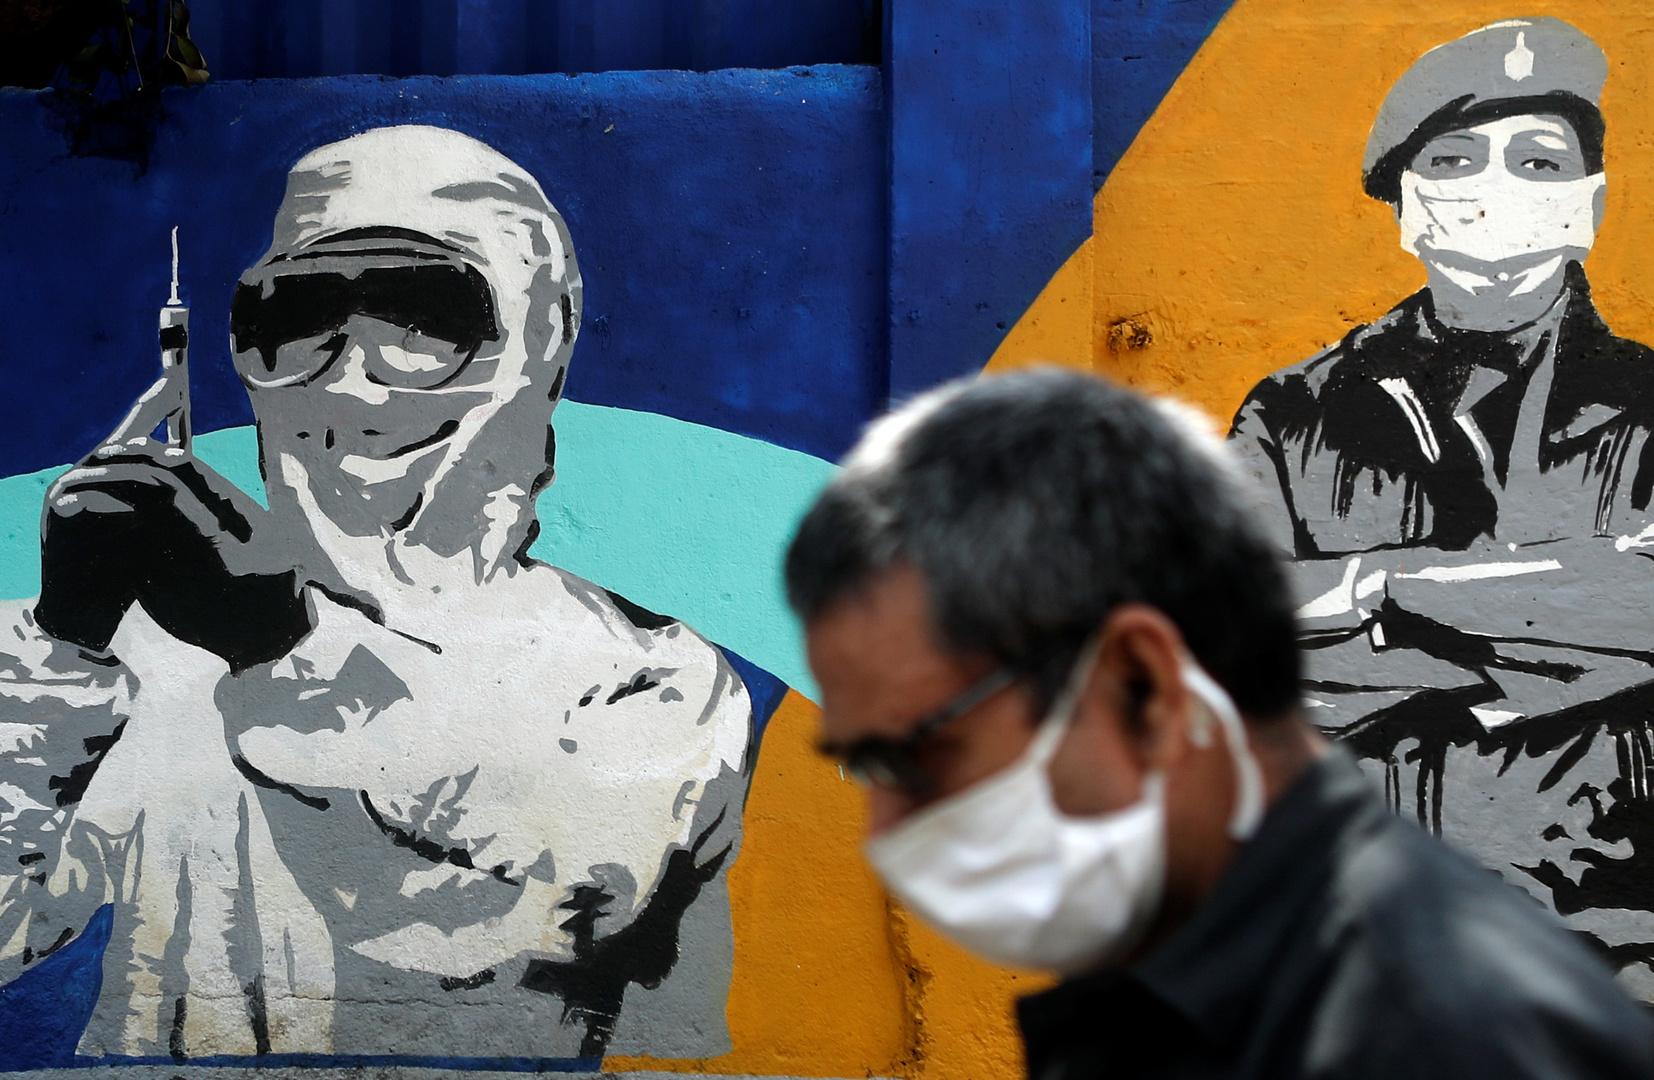 زعماء سابقون: وباء كورونا زاد من السلوك الاستبدادي للحكومات